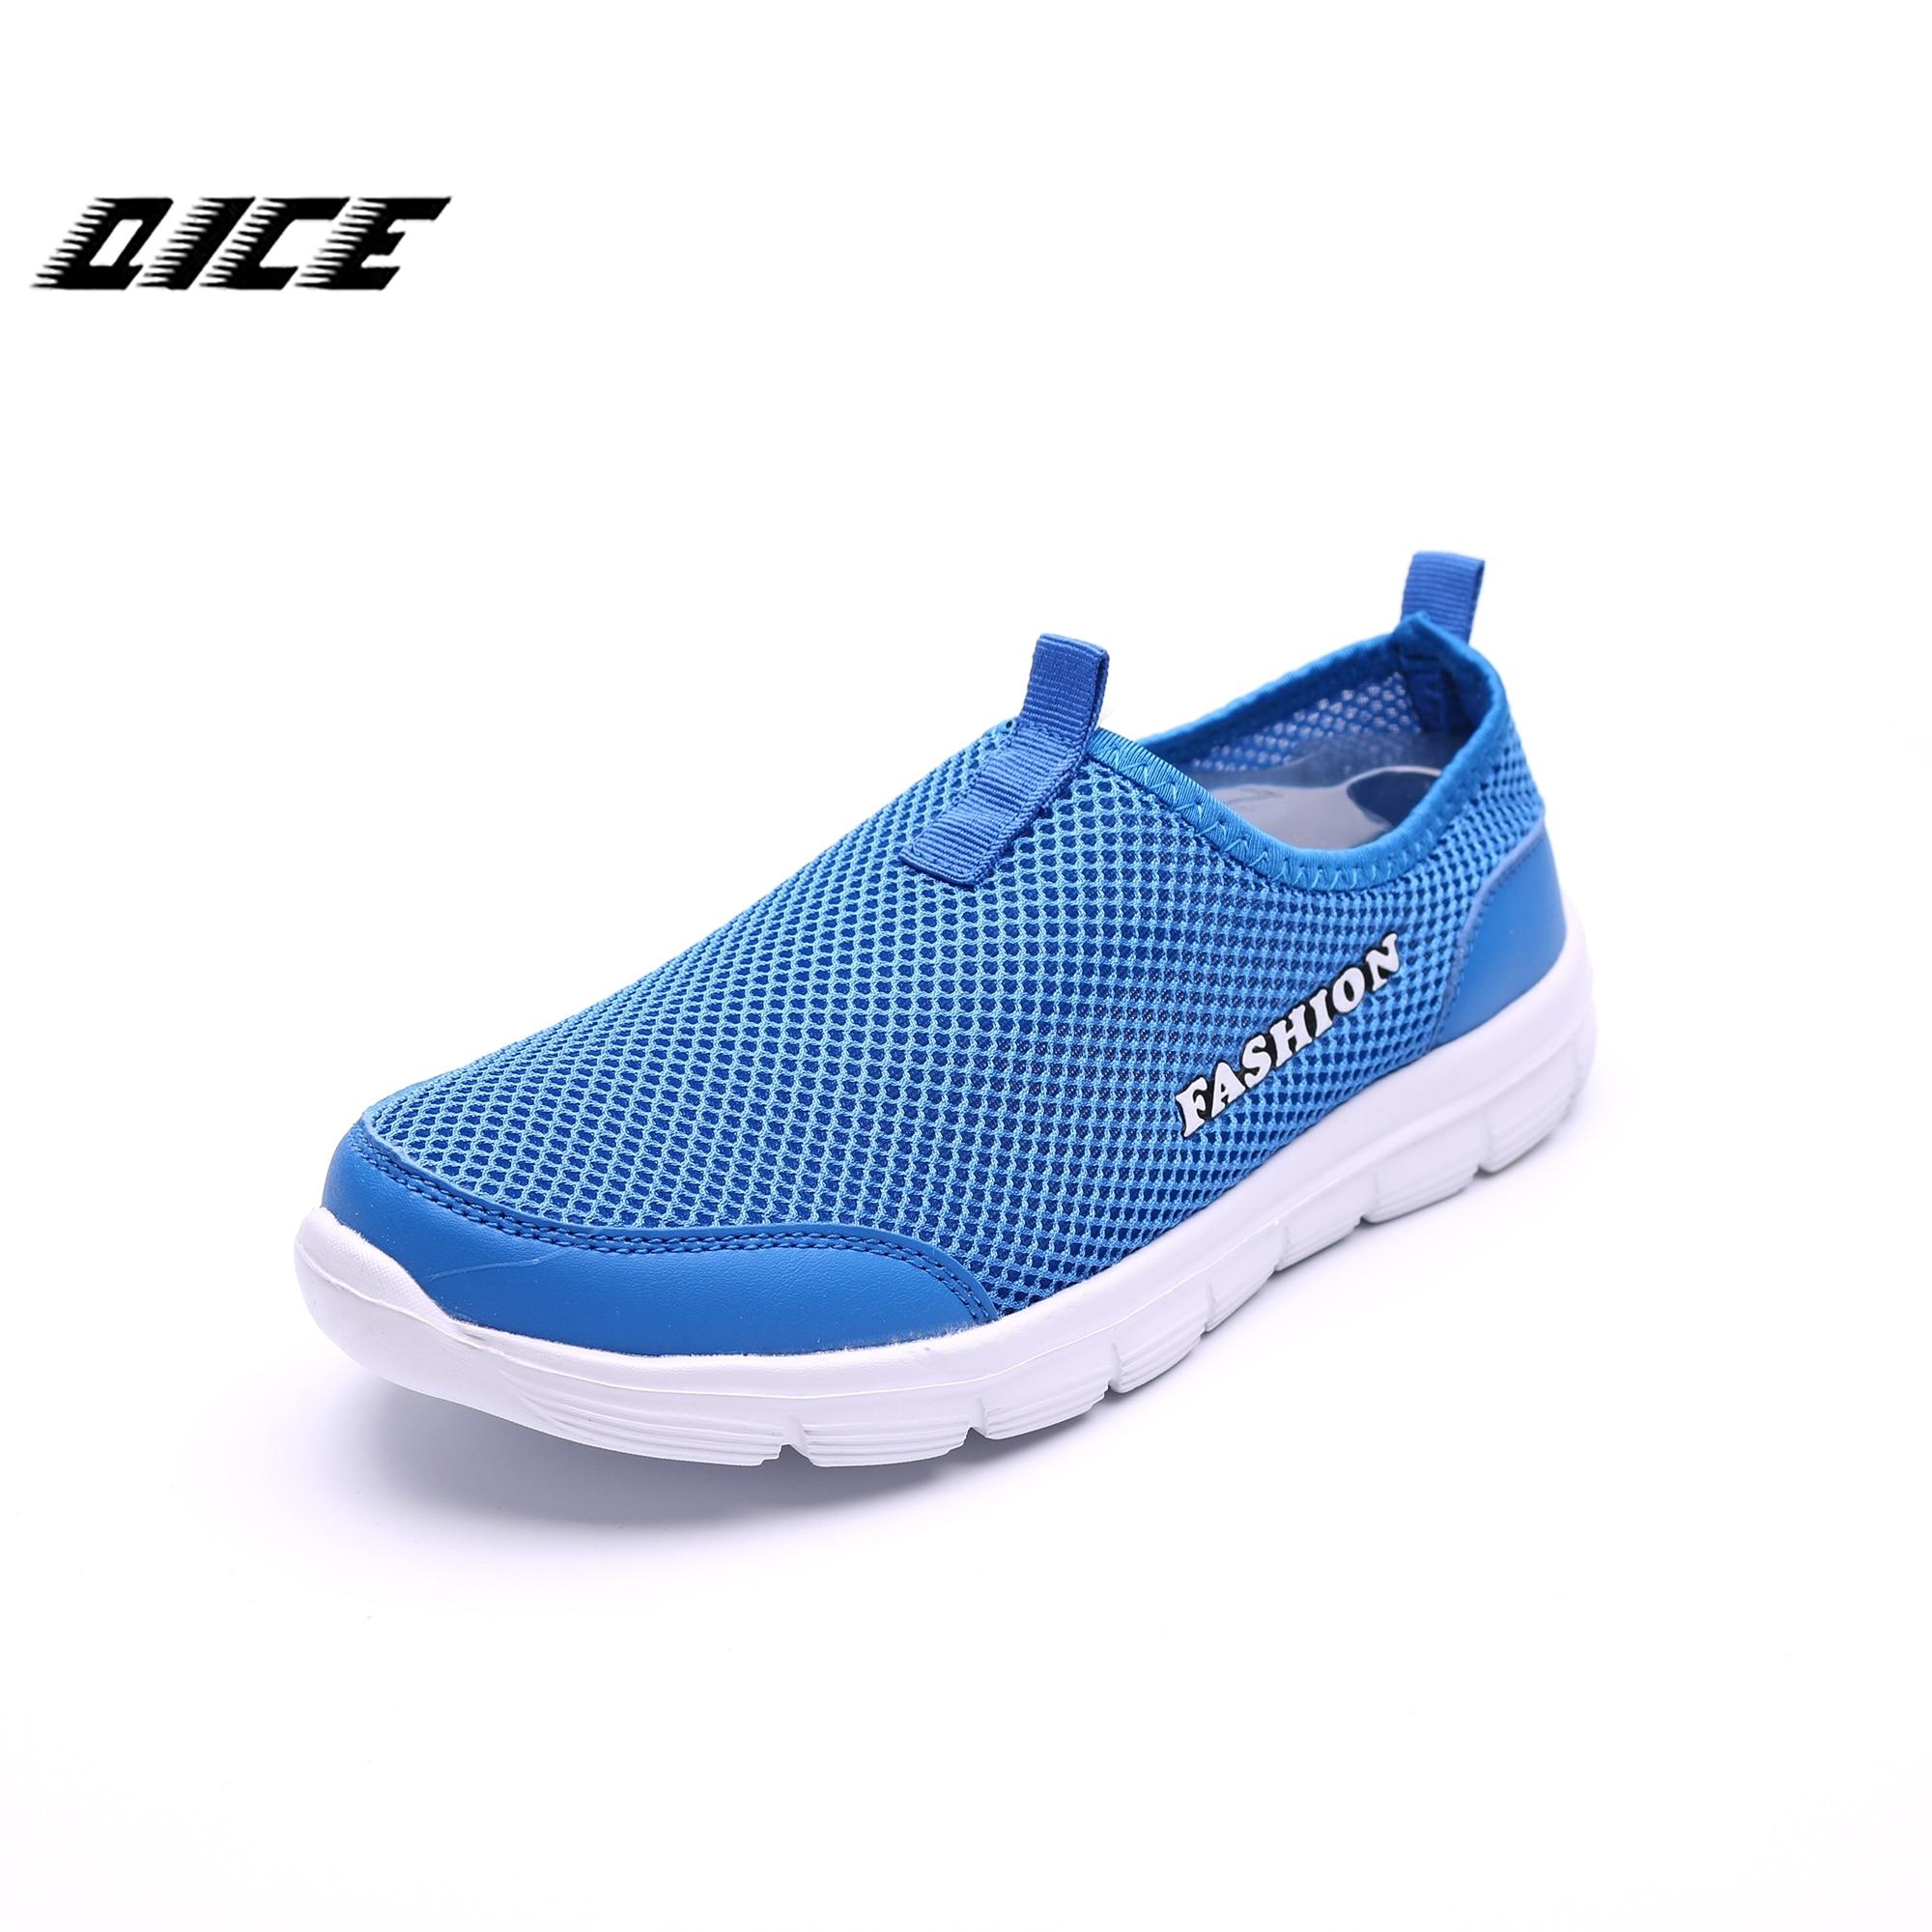 2017 Homens e Mulheres Do Aqua Sapatos Ao Ar Livre Vadear Sapatos Respirável Sapatos de Praia-secagem Rápida Leve Água Esporte Tênis de Campismo